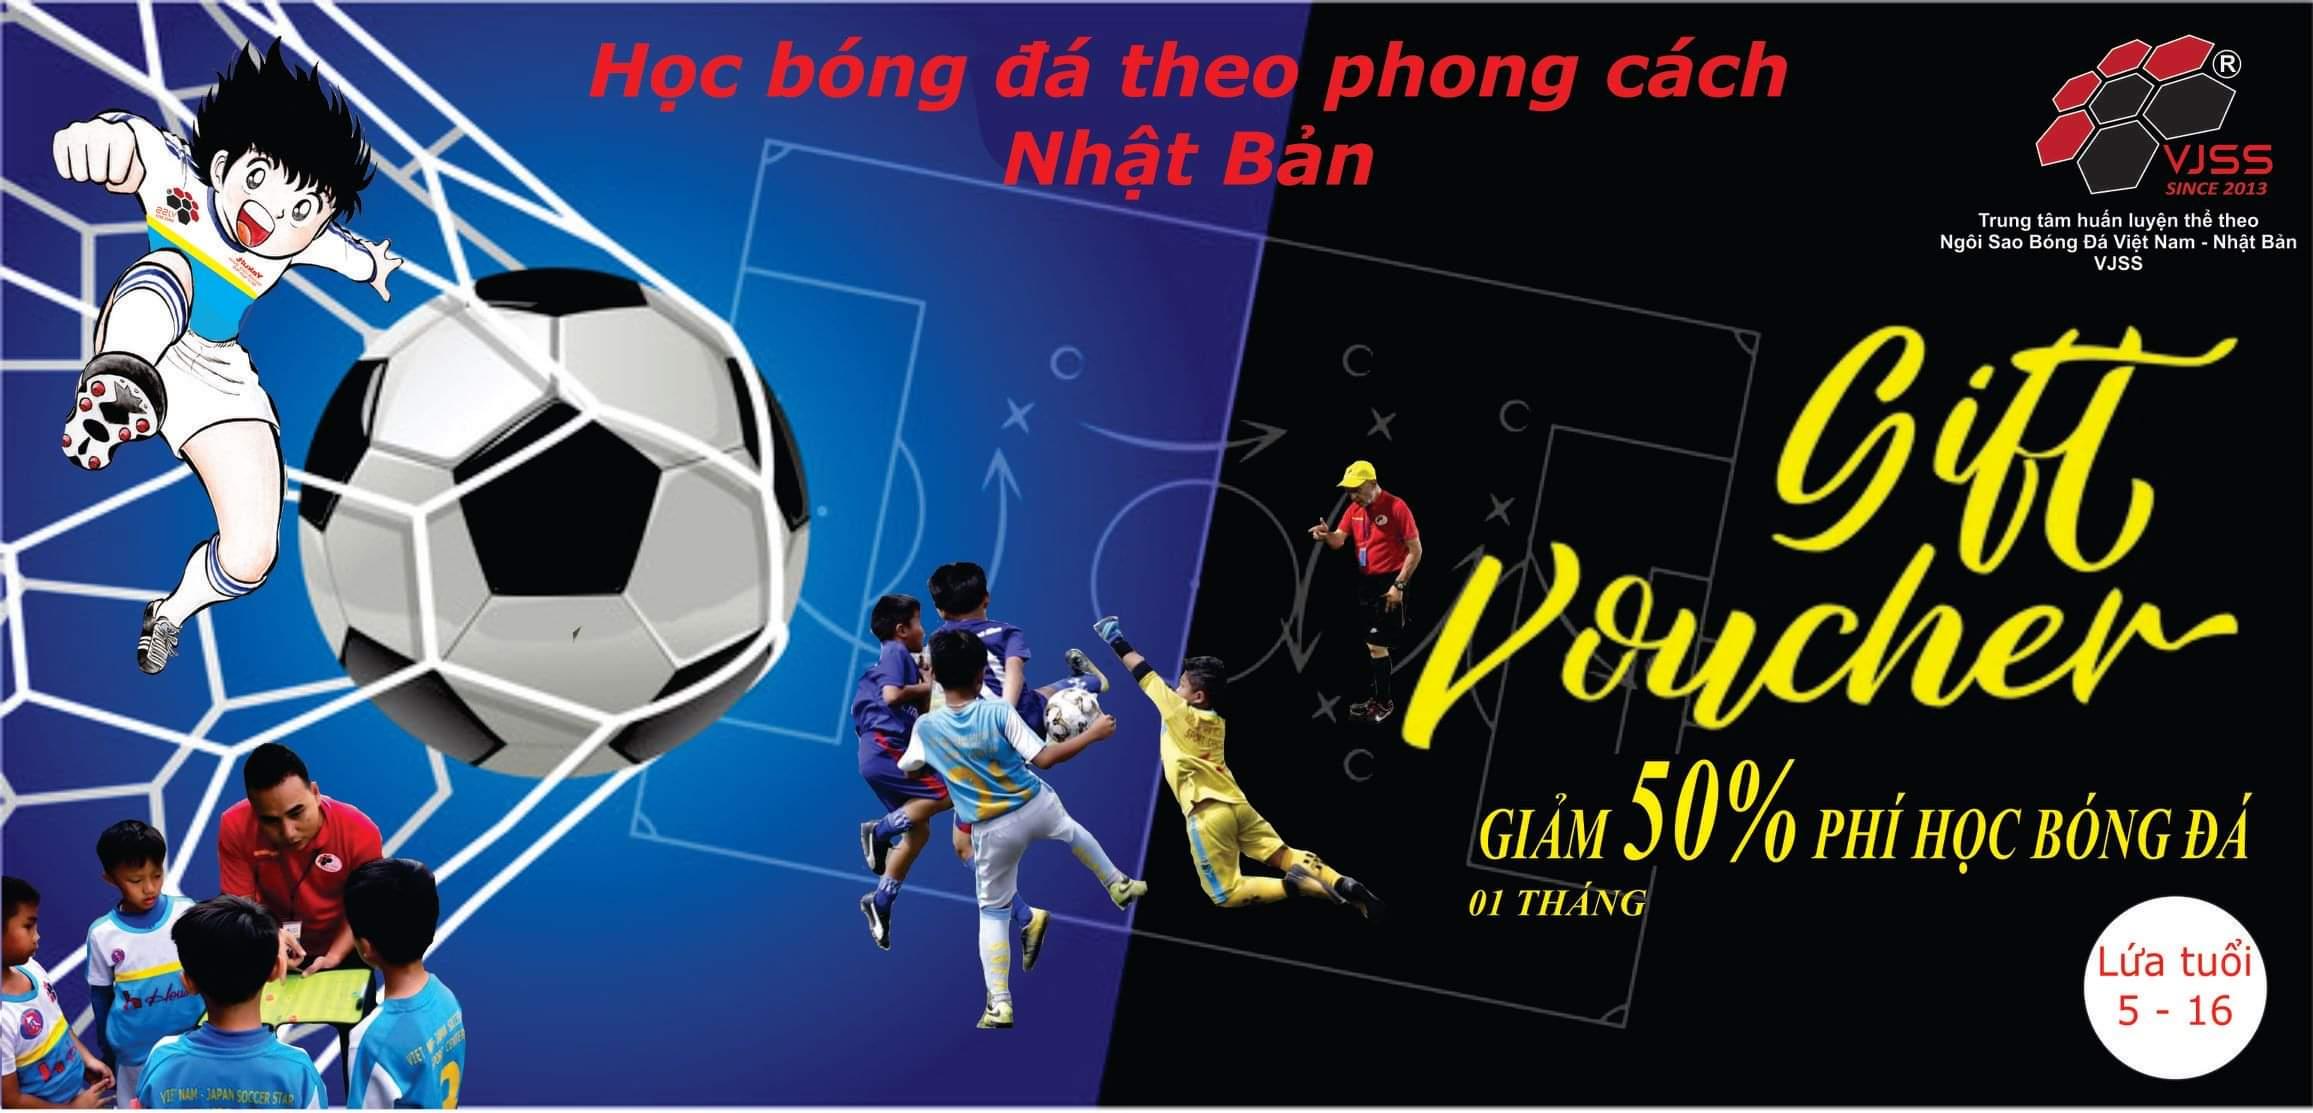 [Kings Deal] HCM - VJSS Trung tâm bóng đá thể thao Việt Nam - E-Voucher giảm 50% học phí khóa học 1 tháng